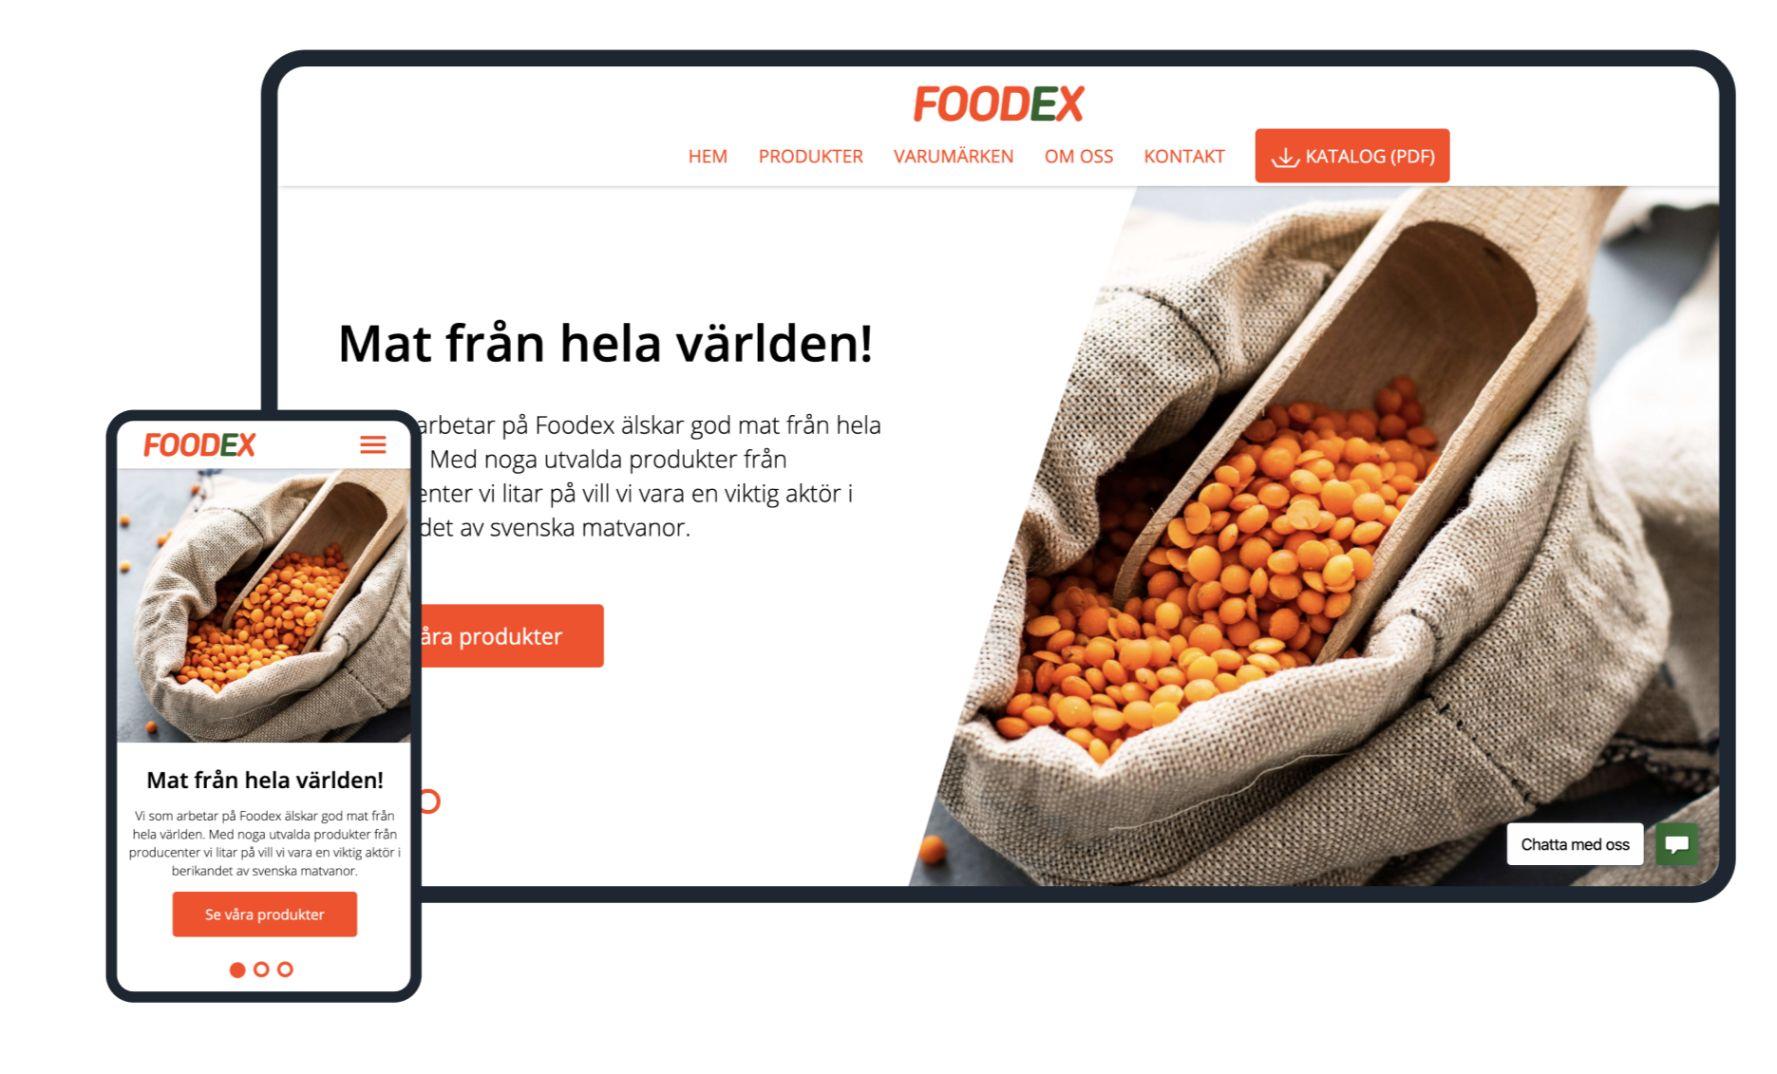 xysum veebiarendus projekt foodex e-pood koduleht